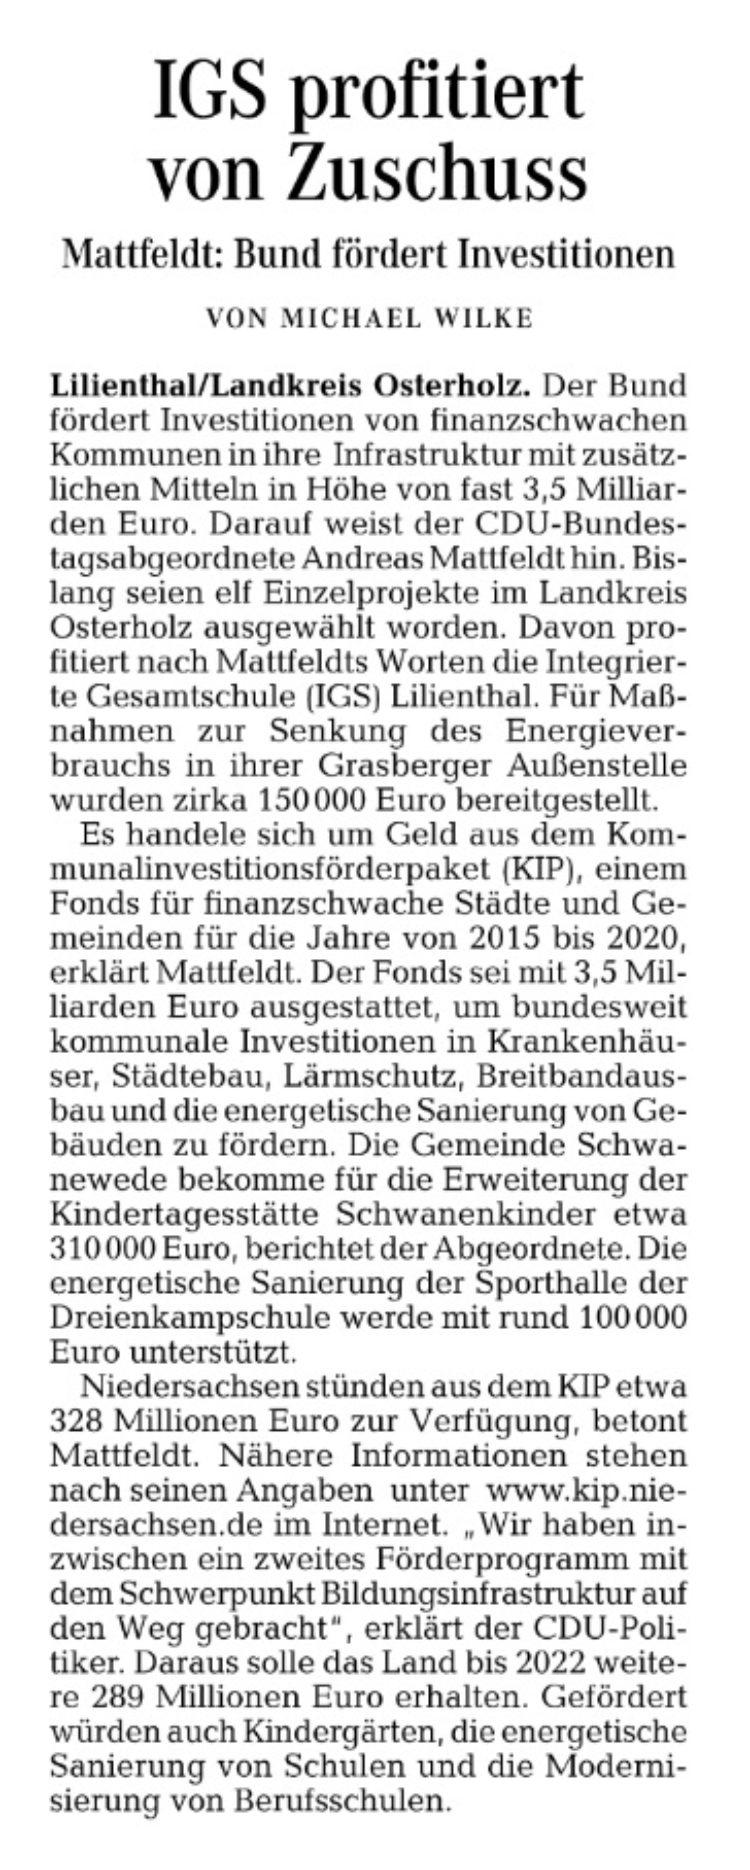 Bundesmittel für die IGS